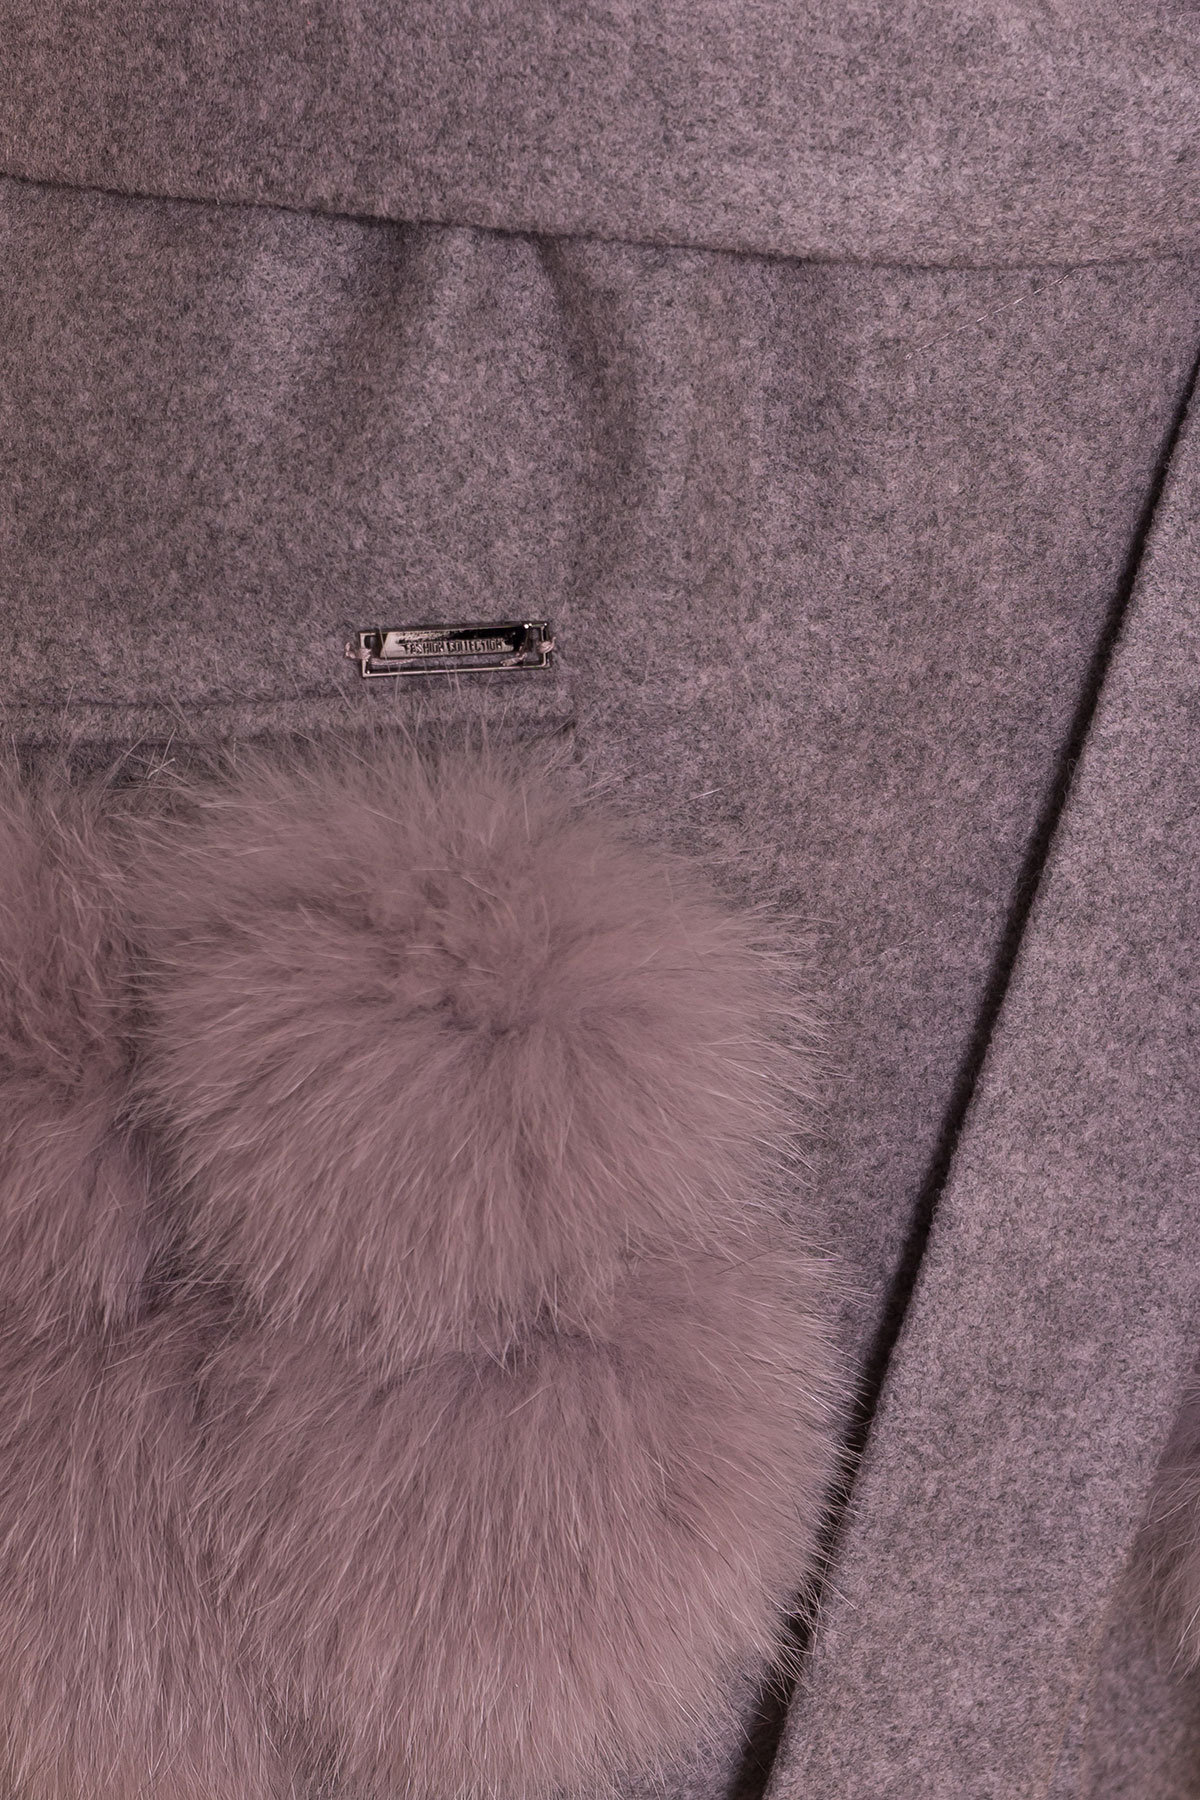 Зимнее пальто с меховыми карманами Анита 3820 АРТ. 40745 Цвет: Серо-розовый 19 - фото 6, интернет магазин tm-modus.ru